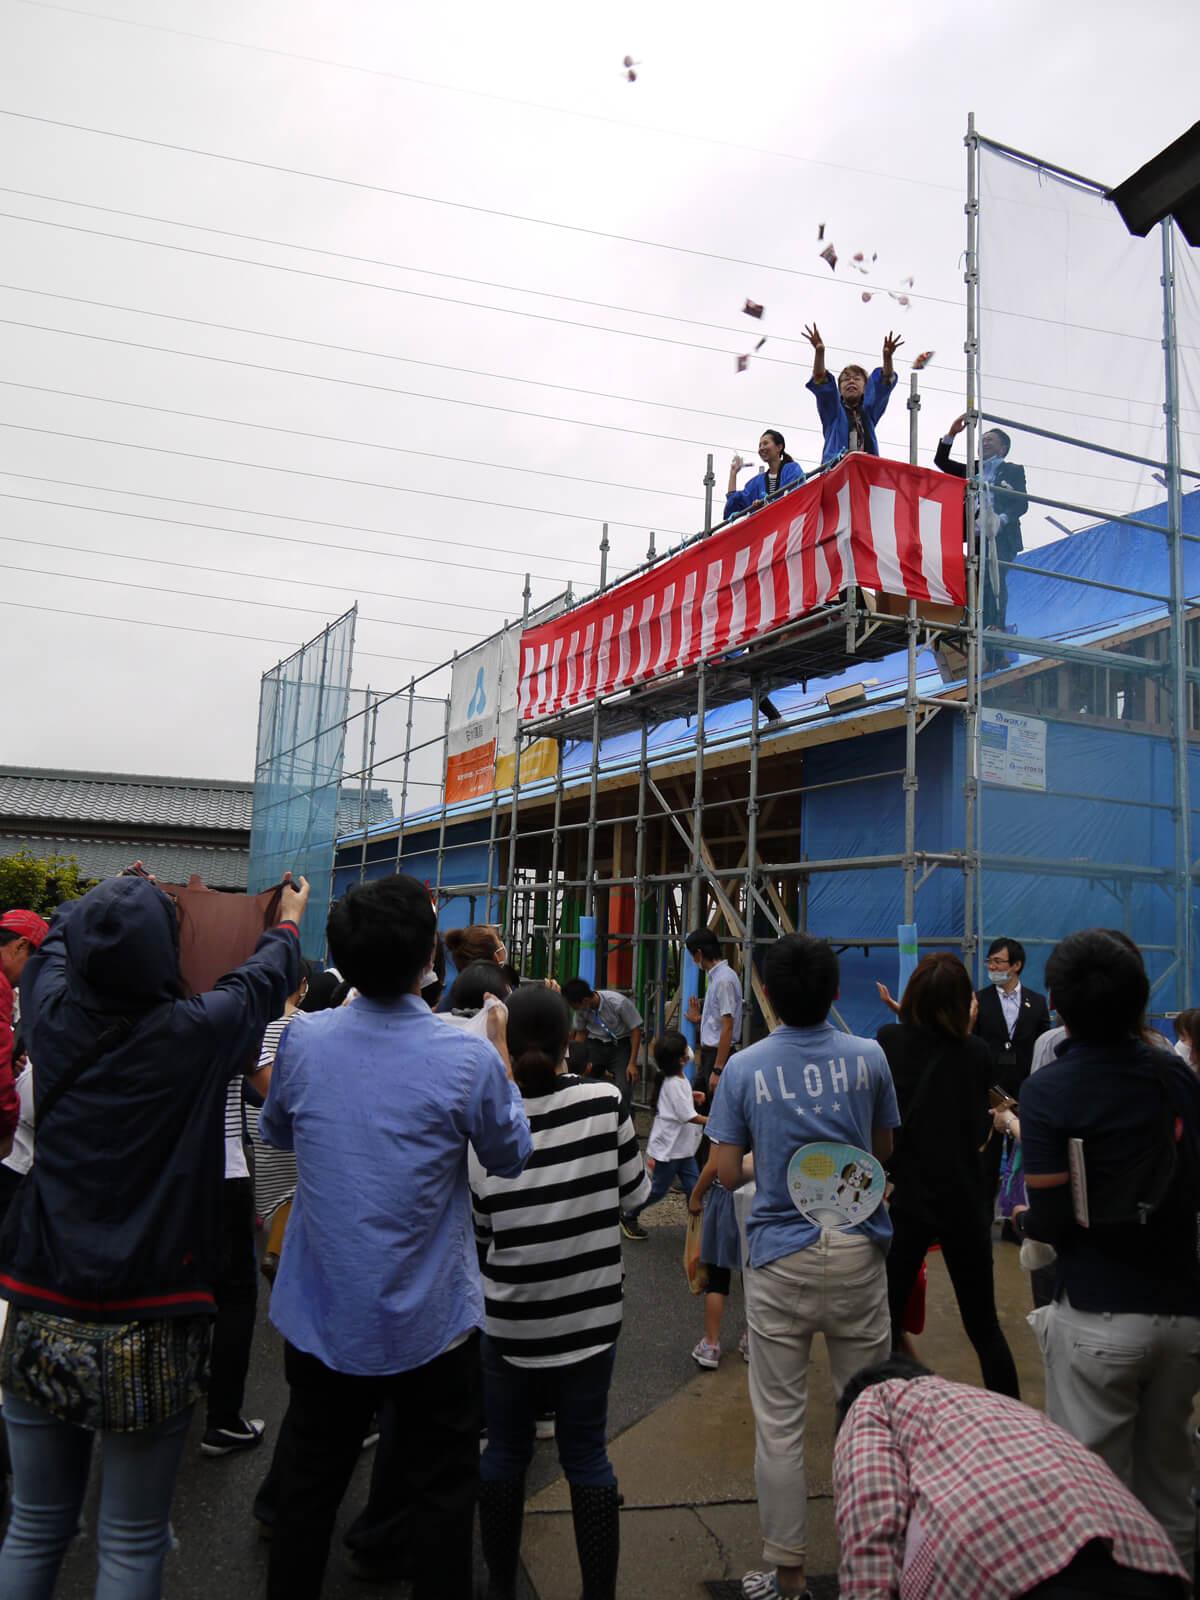 注文住宅|安水建設|愛知県安城市を中心に三河エリアの木造注文住宅・リフォーム祝・上棟!!